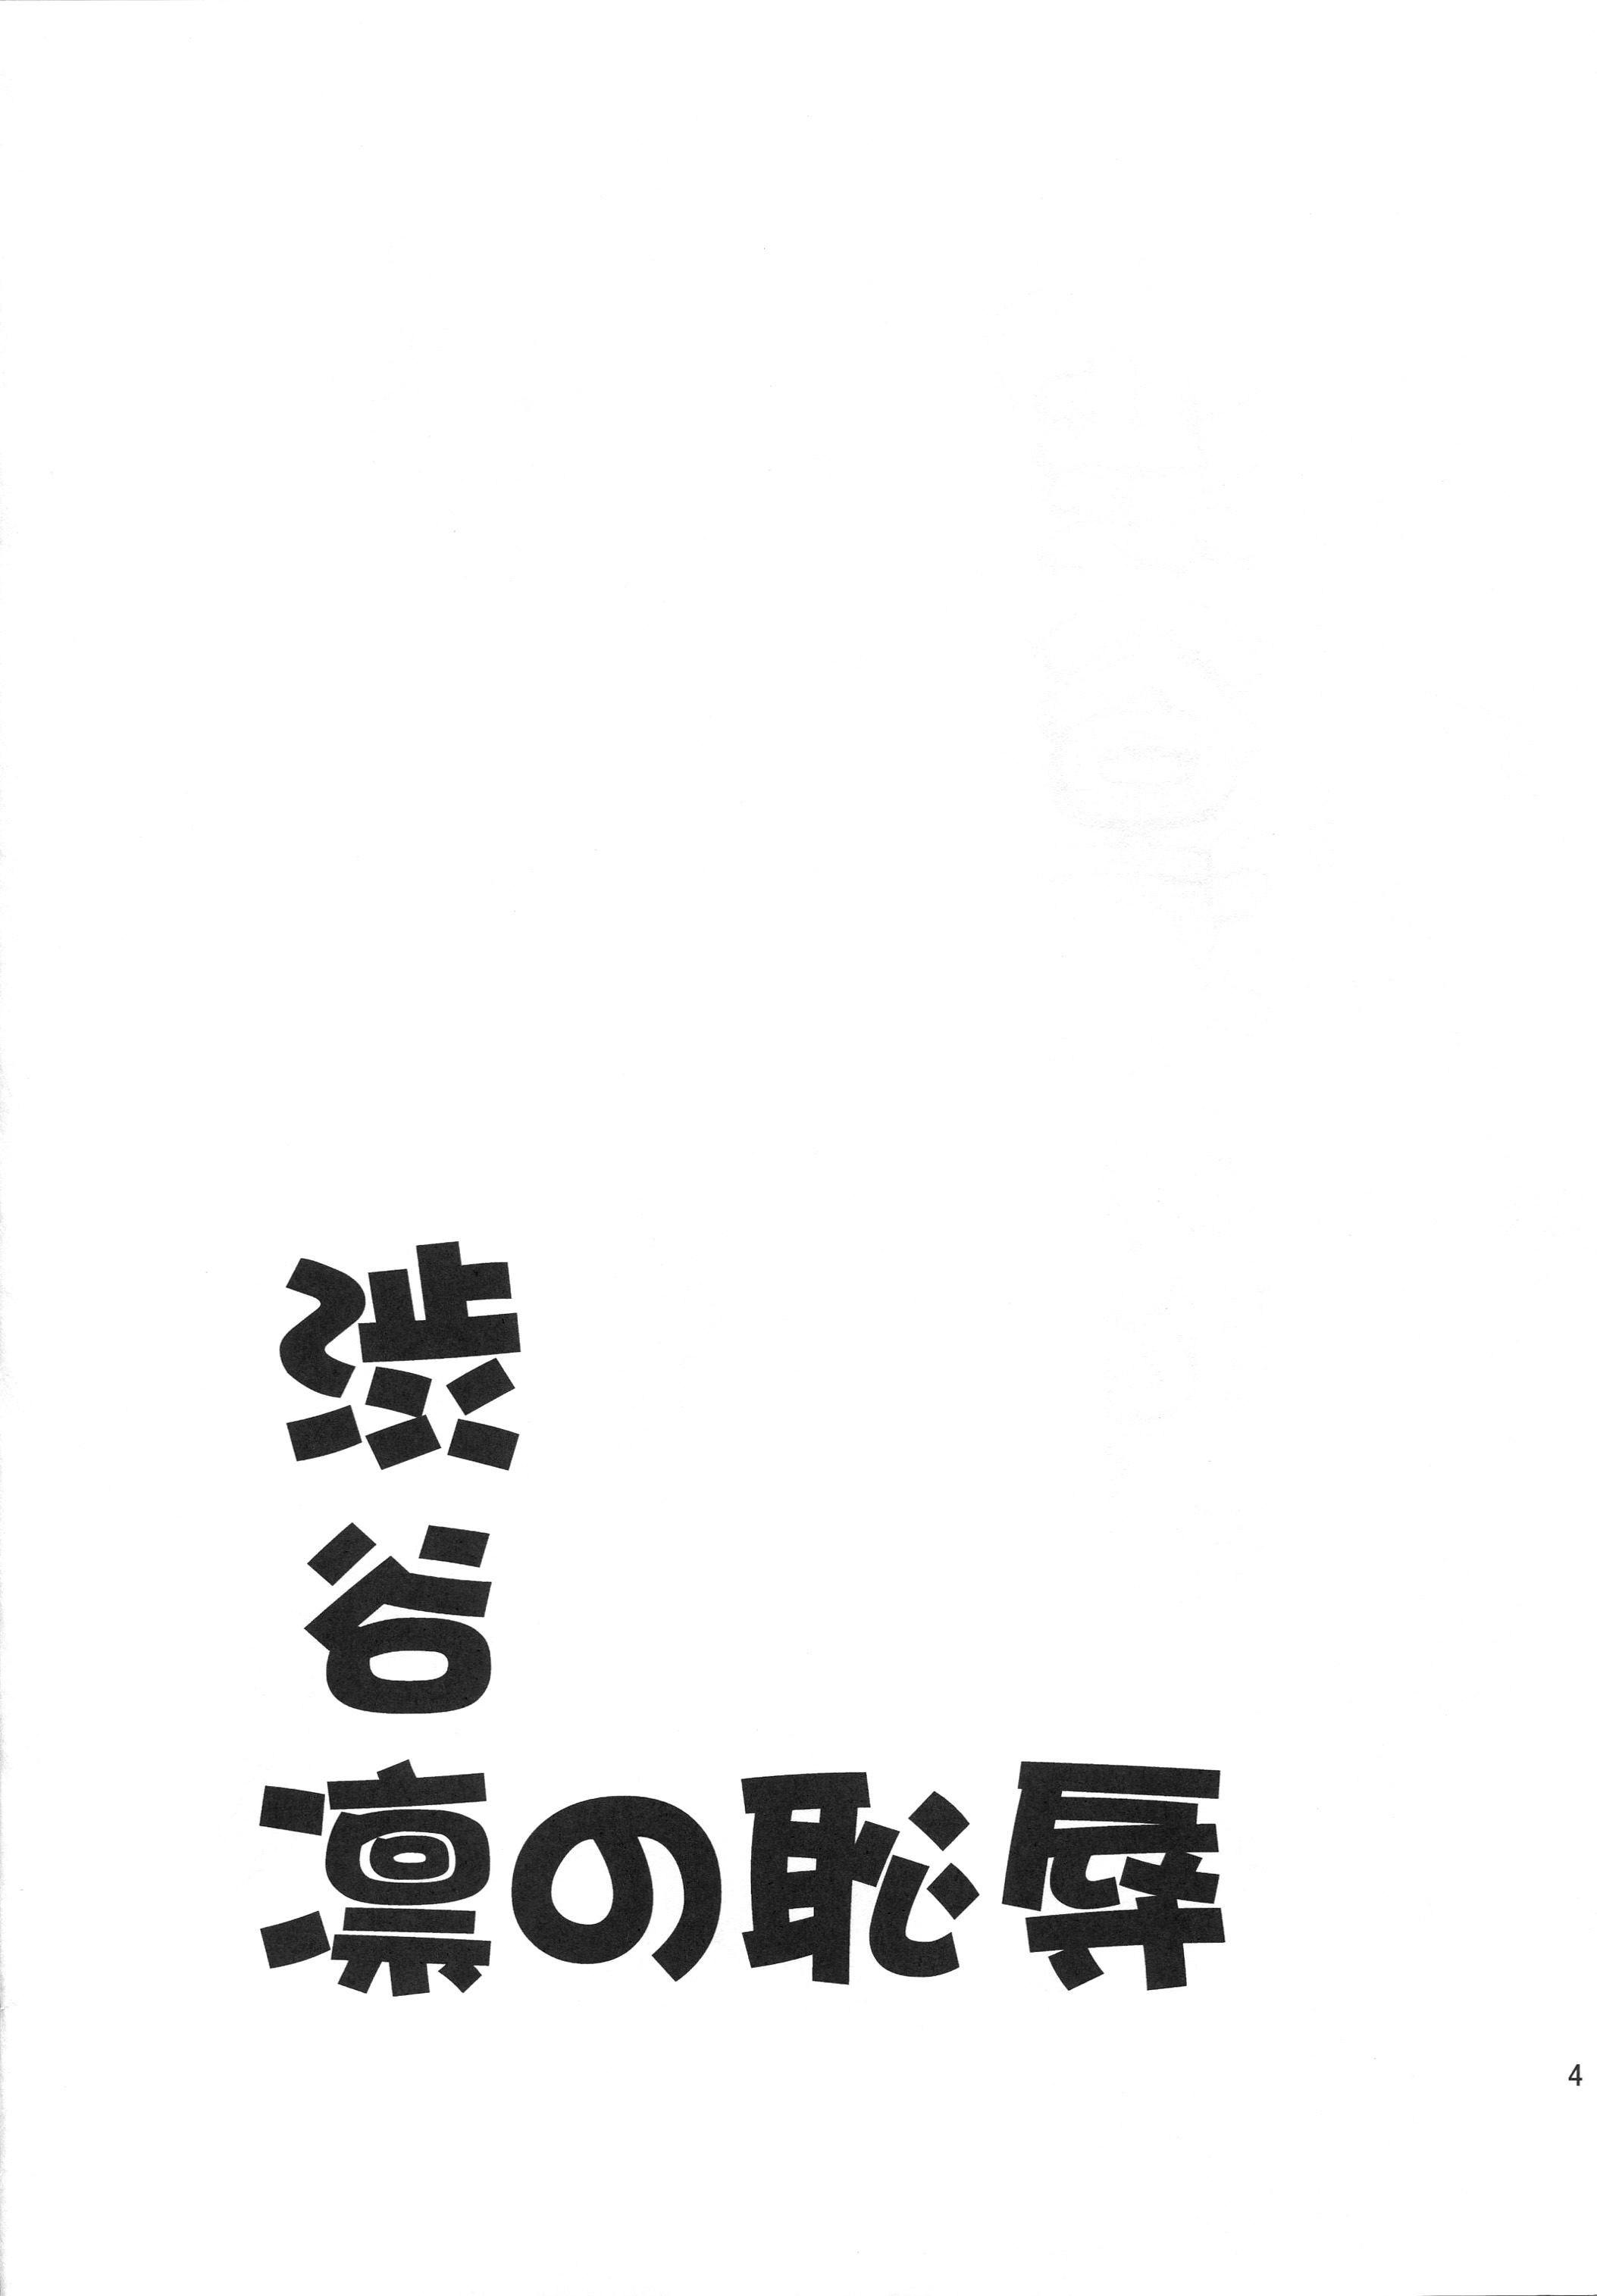 【エロ漫画】巨乳アイドルしぶりんが陵辱レ〇プされて完全な肉便器にwwwww大量中出しされ触手アナル陵辱されて理性崩壊しまくりwwwww